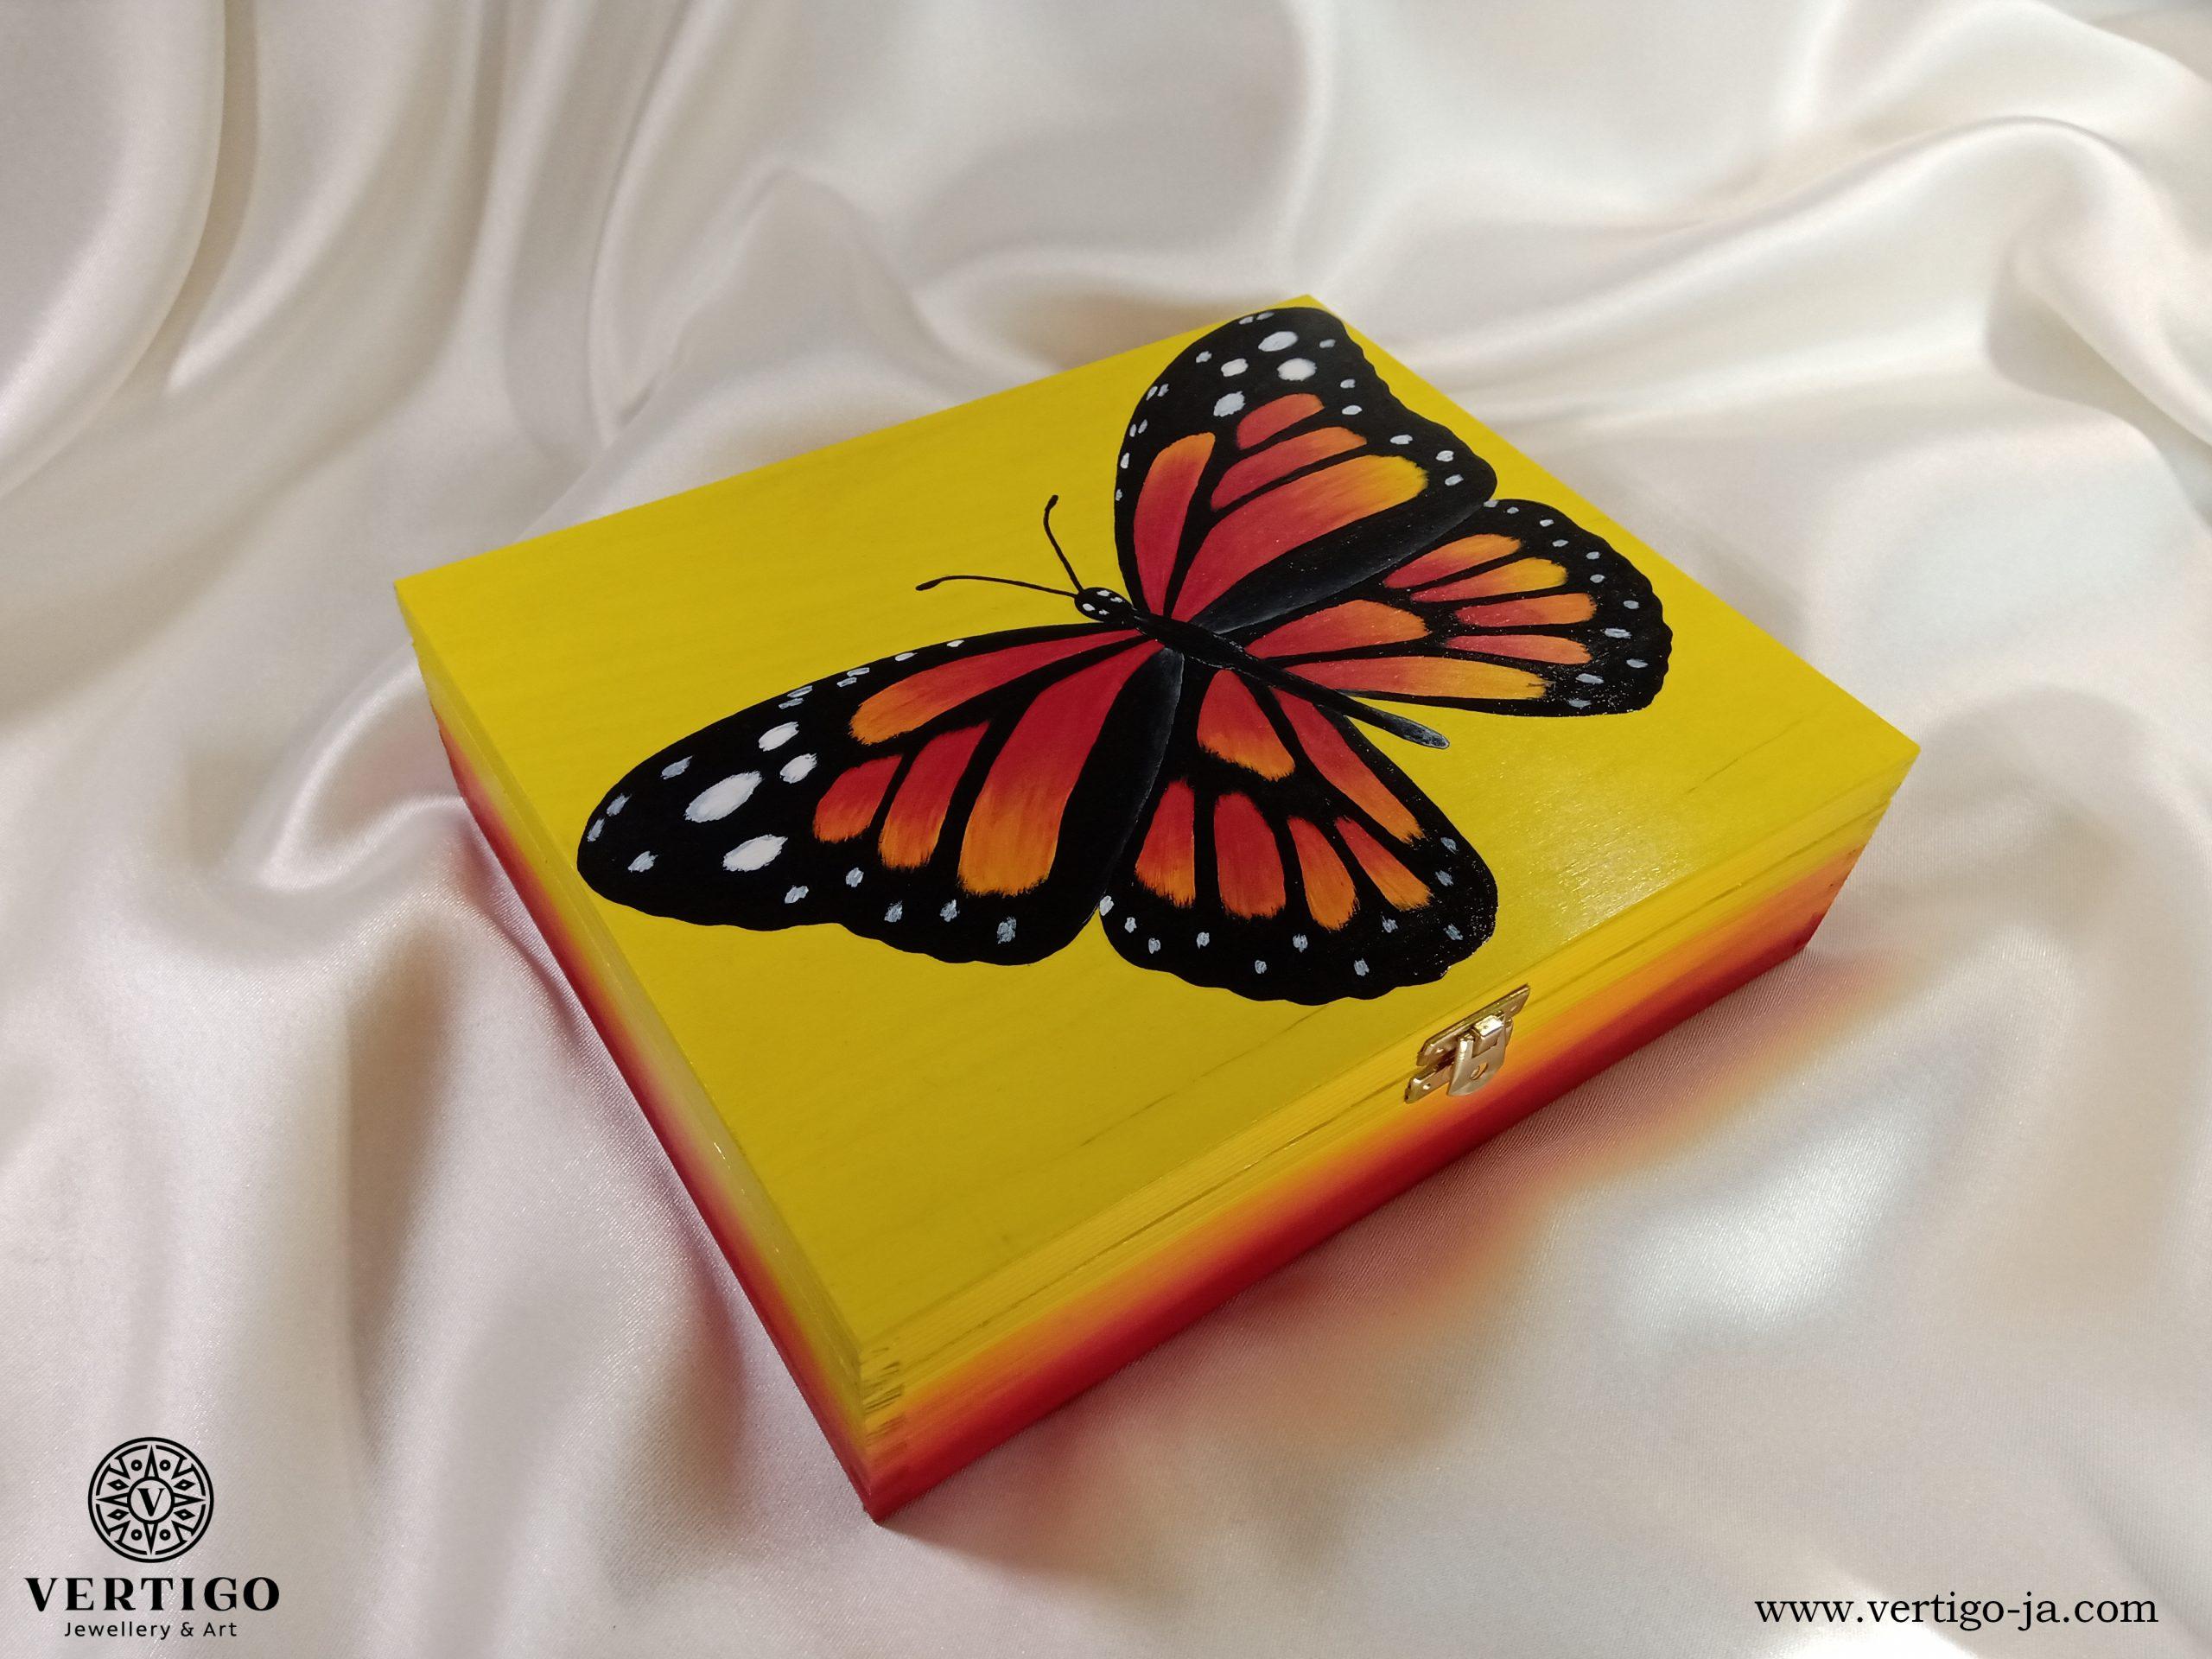 Drewniana szkatułka z motylem w żółto-czerwonych barwach